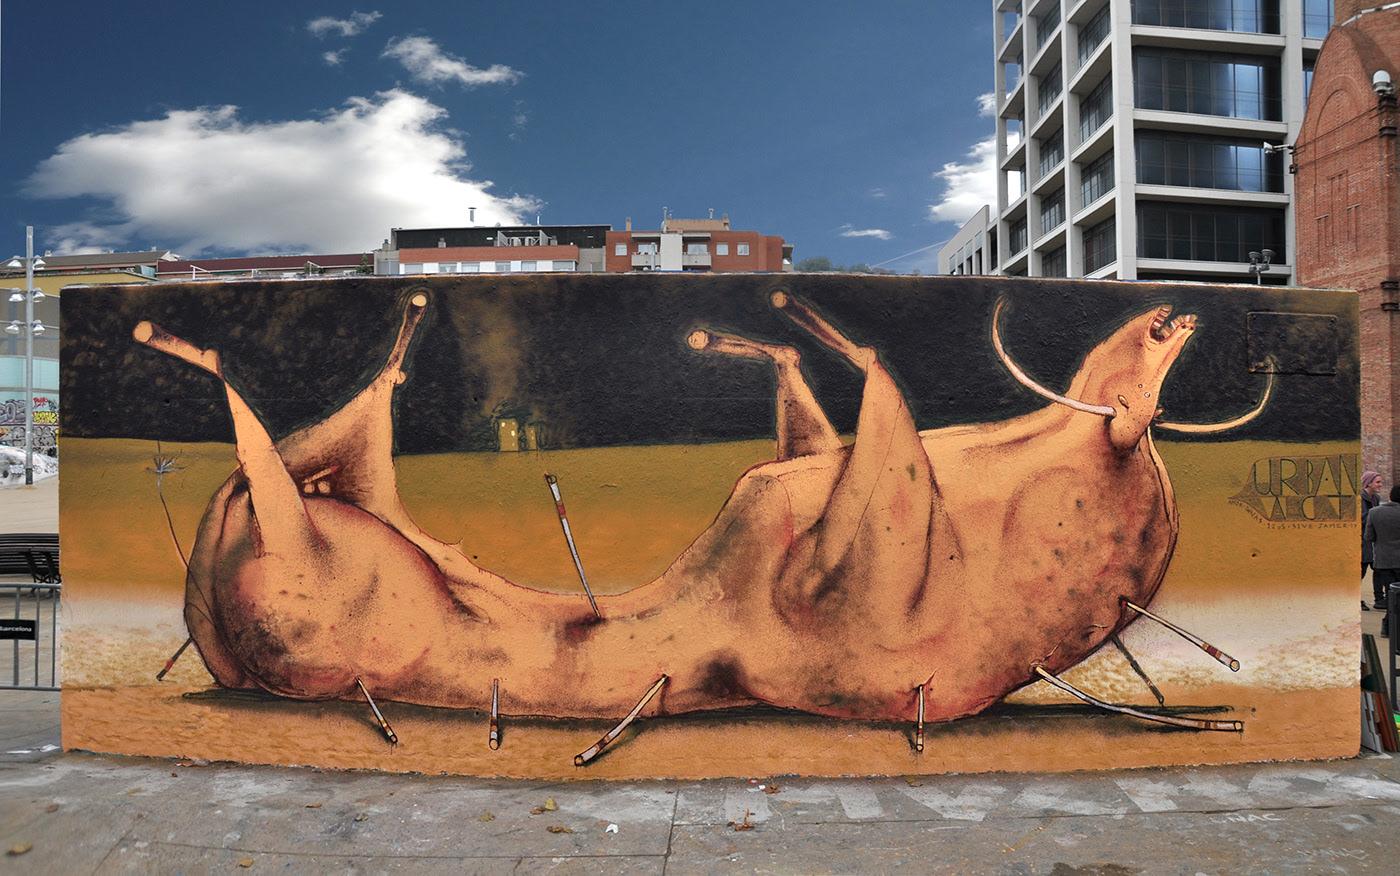 Σταμάτης Λάσκος - Street Artist